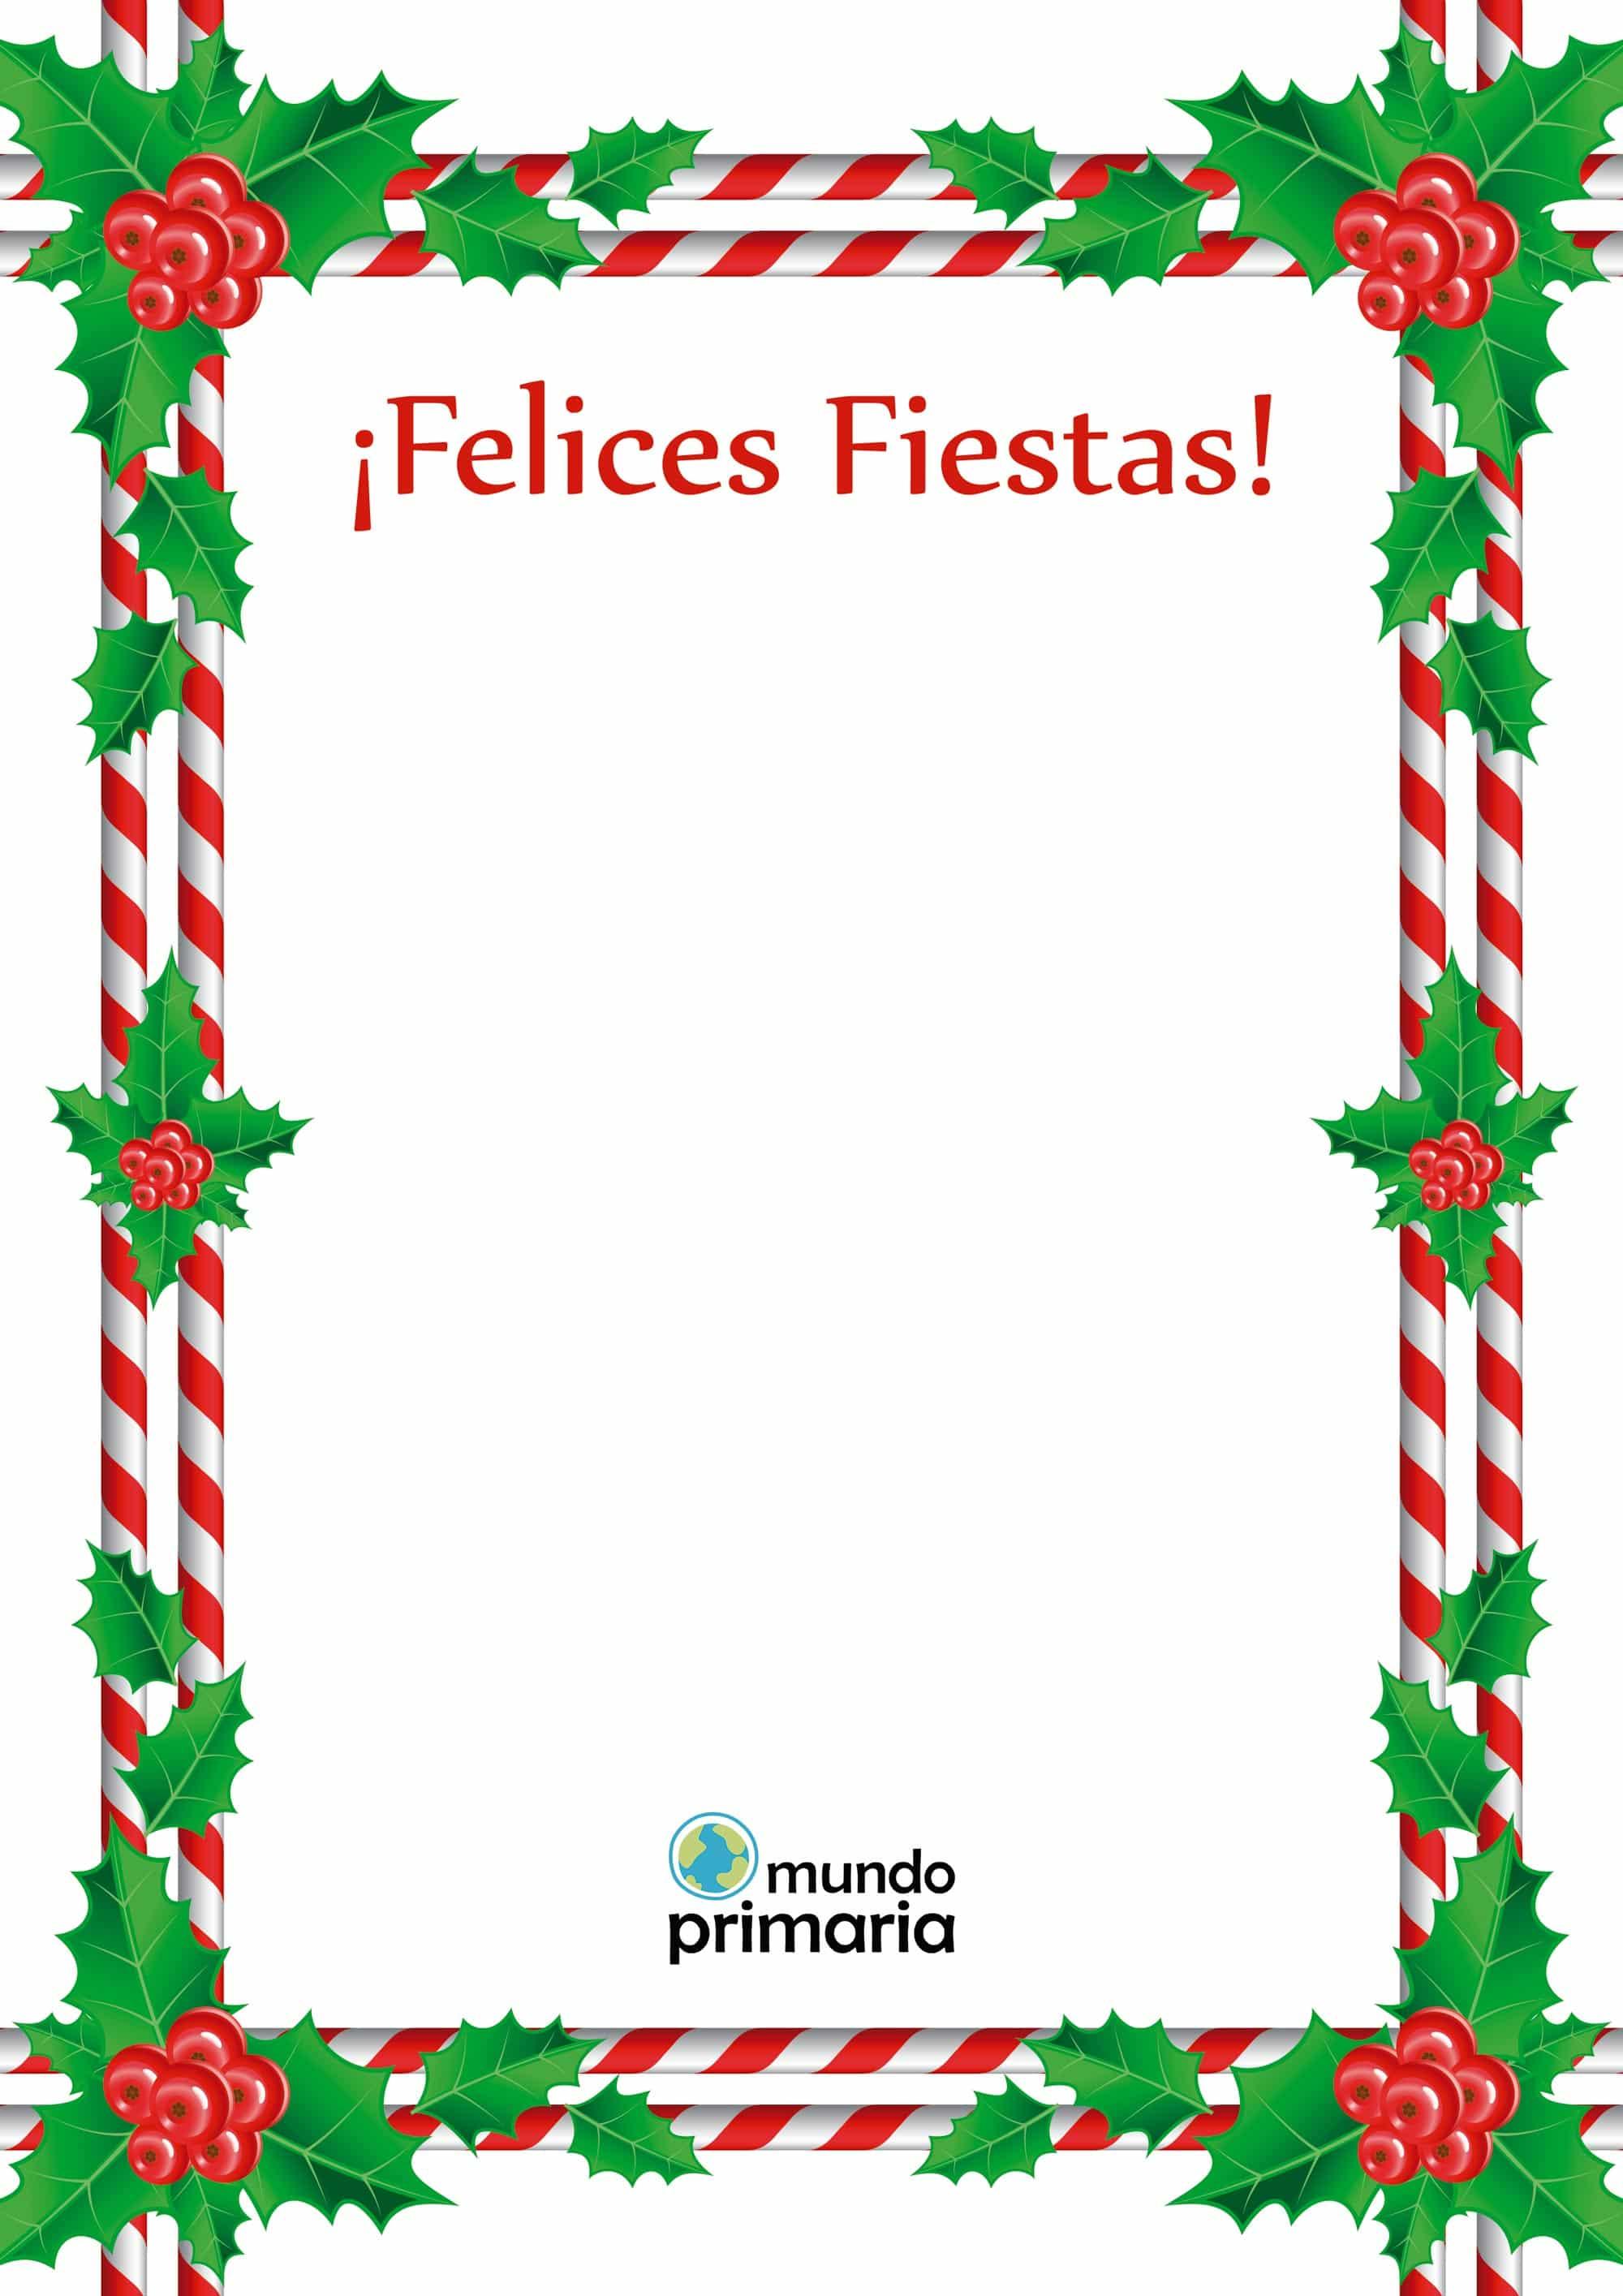 felicitaciones de Navidad para niños